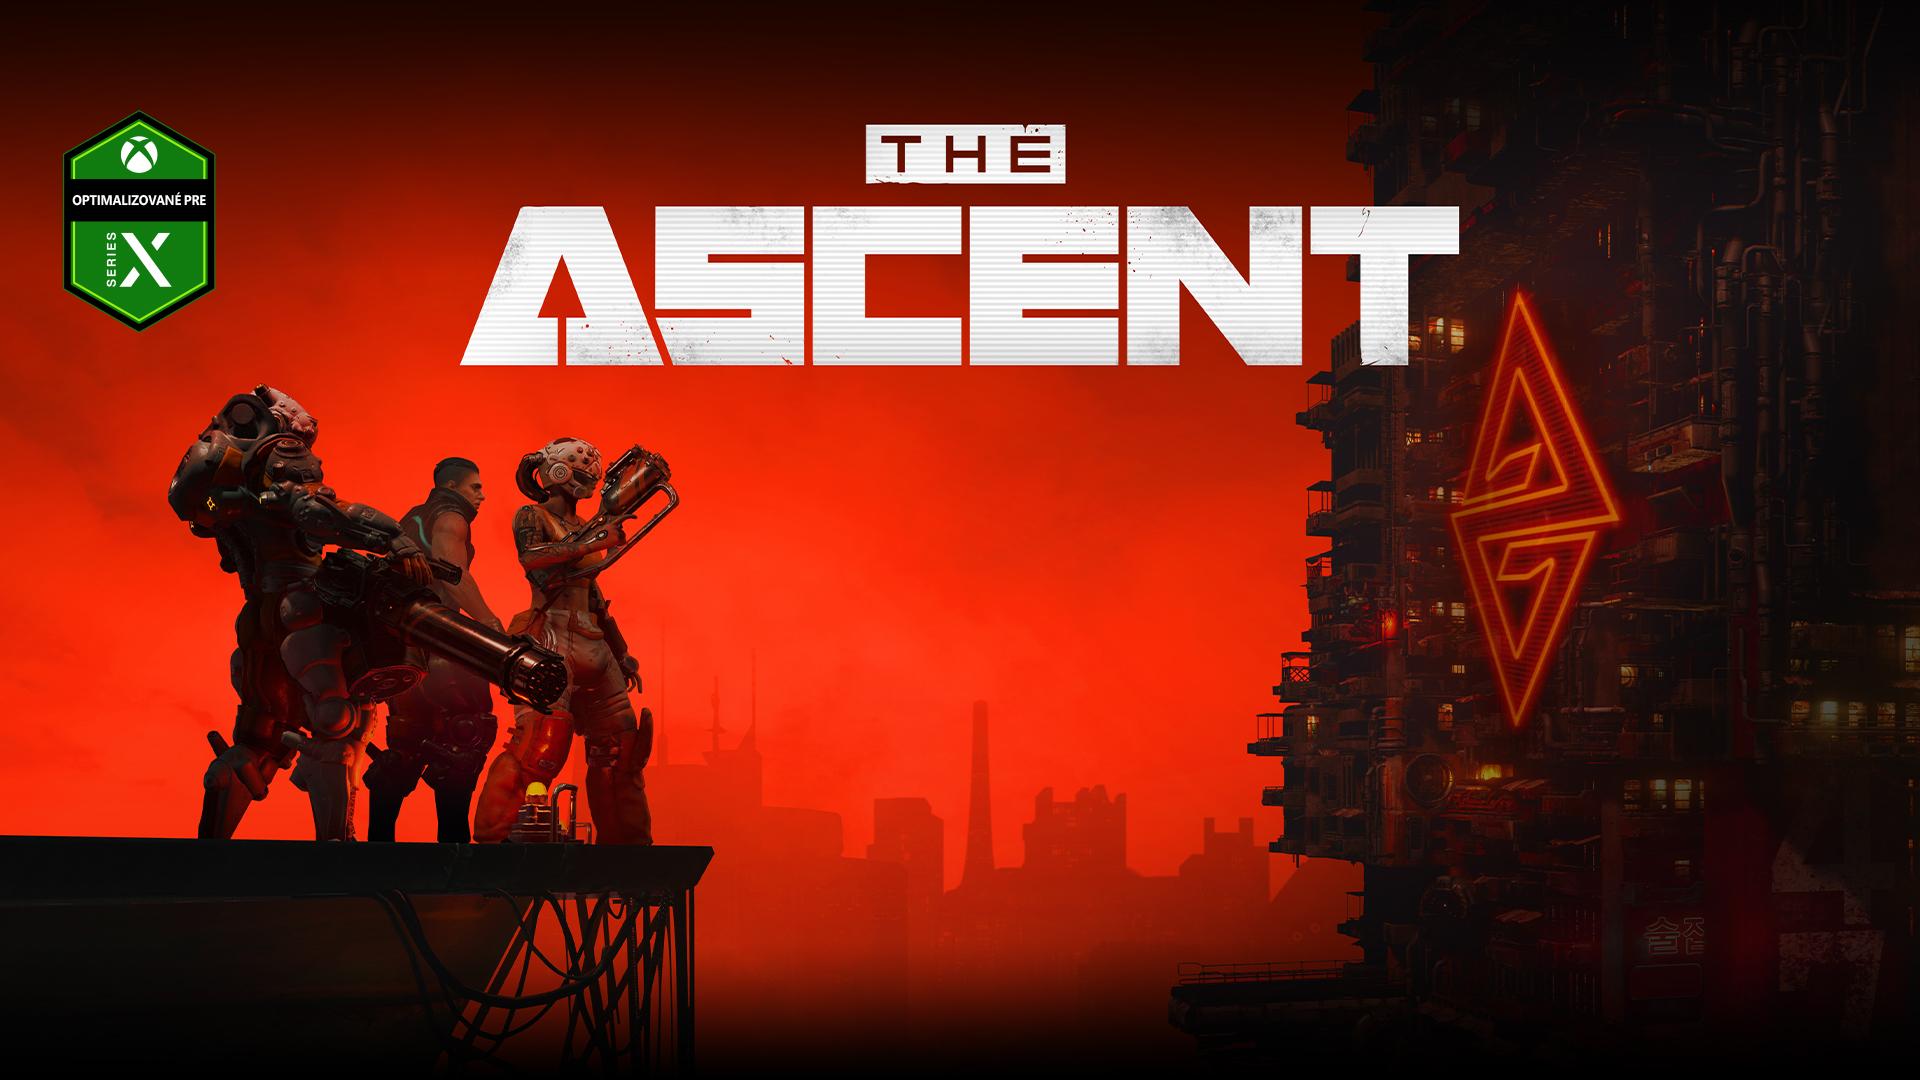 The Ascent, Optimalizované pre Xbox Series X, tri postavy stoja na platforme s výhľadom na veľkú priemyselnú budovu v štýle cyberpunk